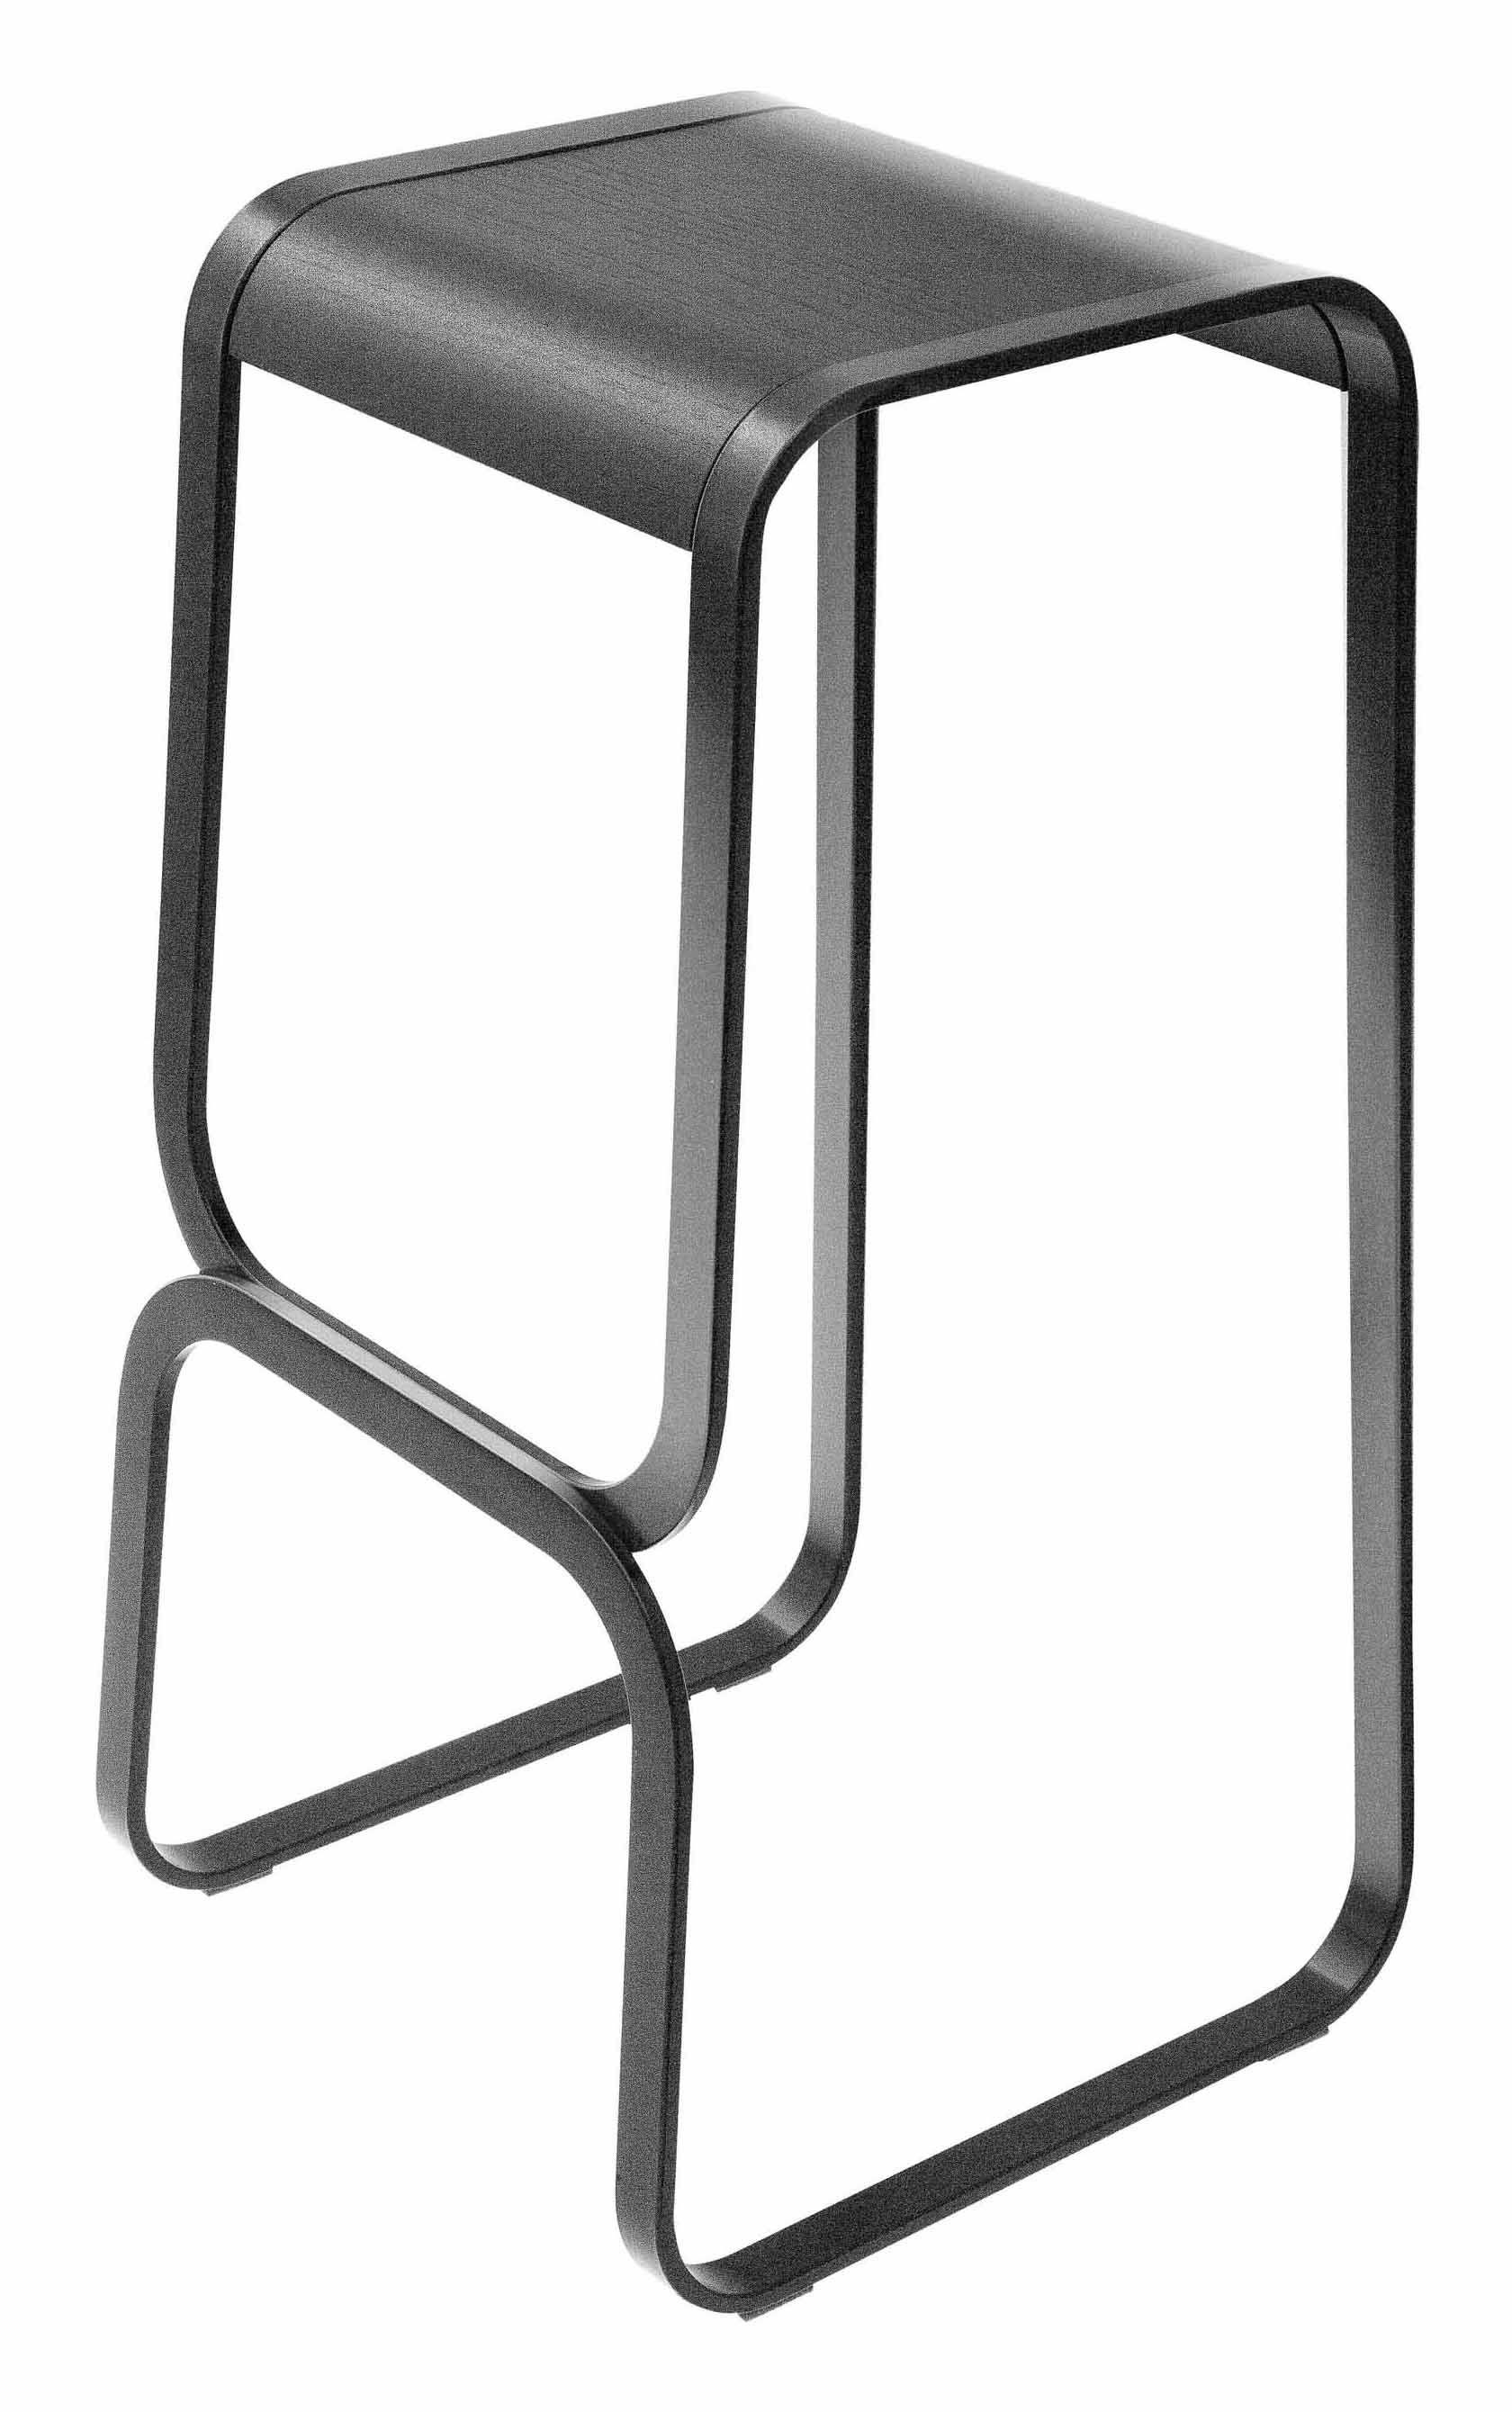 Mobilier - Tabourets de bar - Tabouret de bar Continuum / Bois & métal - H 80 cm - Lapalma - Assise : noire / Structure : noire - Acier inoxydable laqué, Multiplis de bois teinté